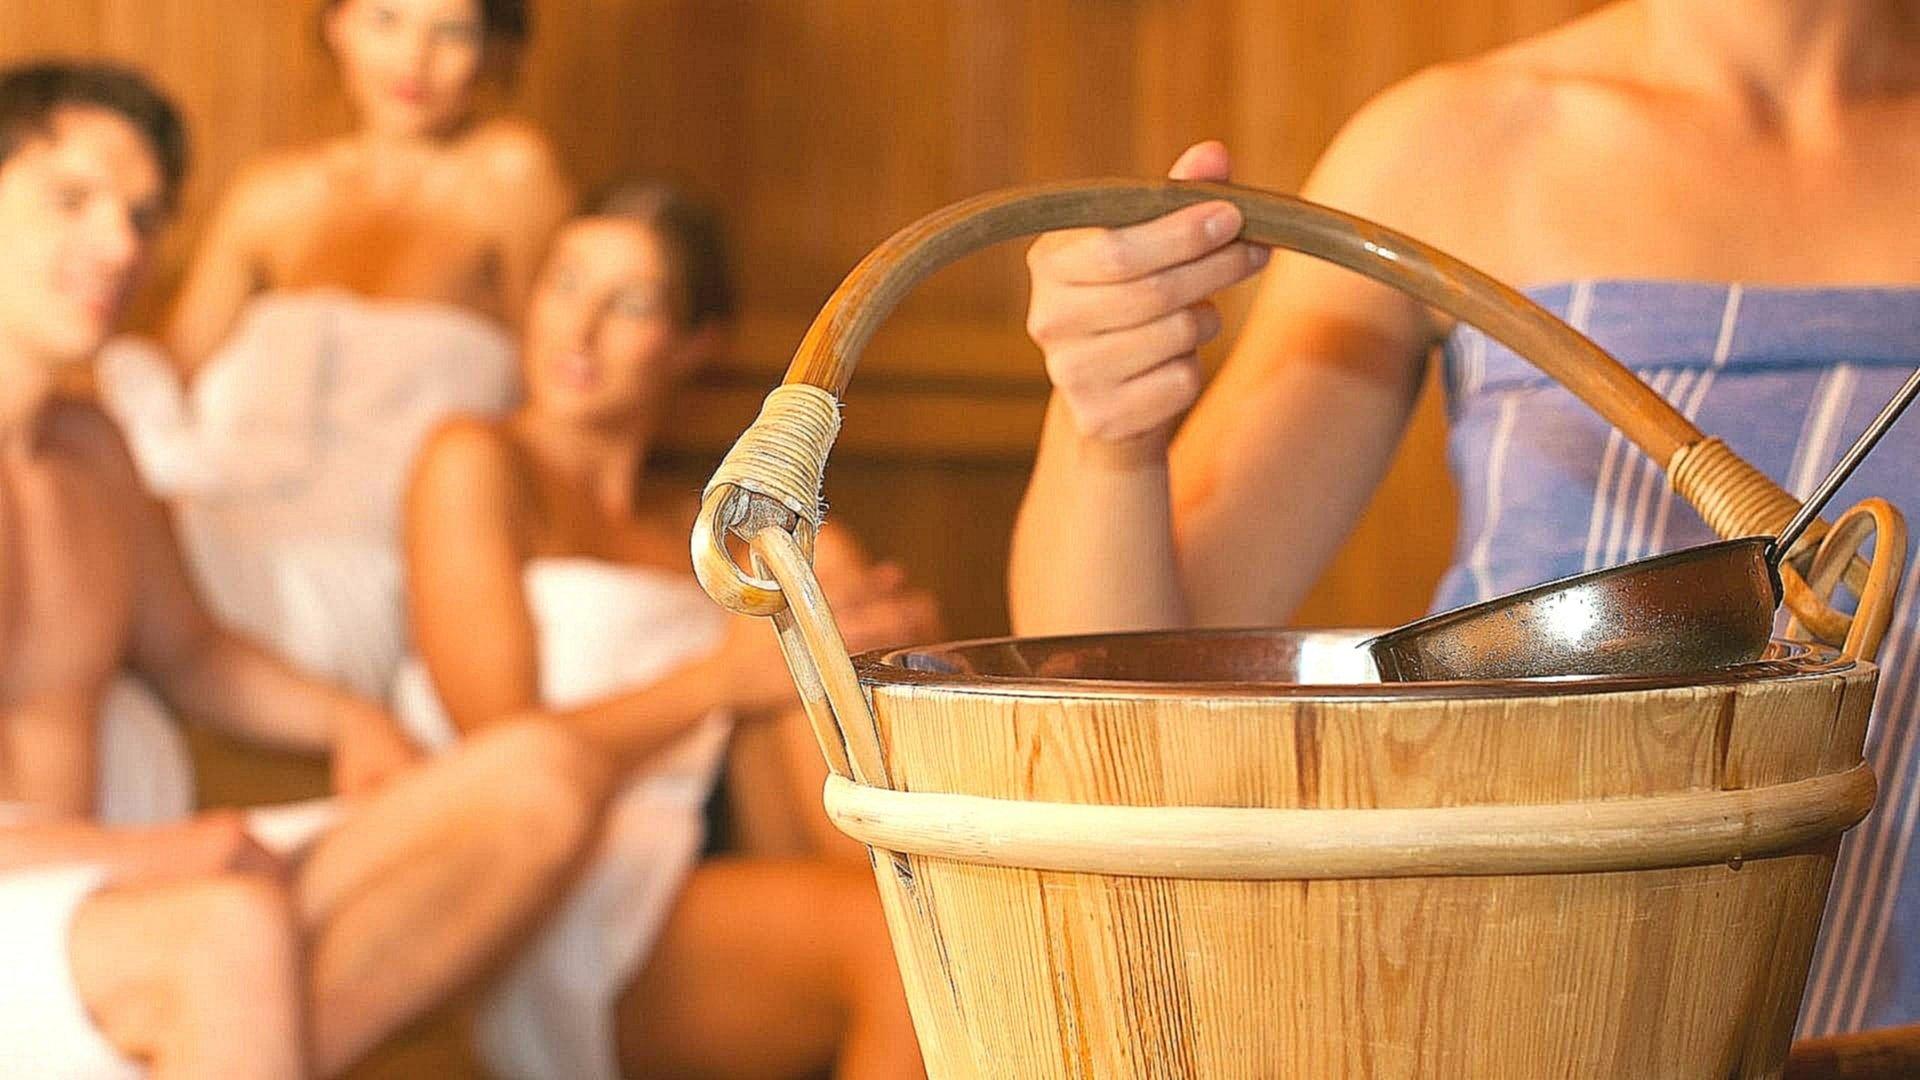 Как правильно париться в бане: 5 основных этапов